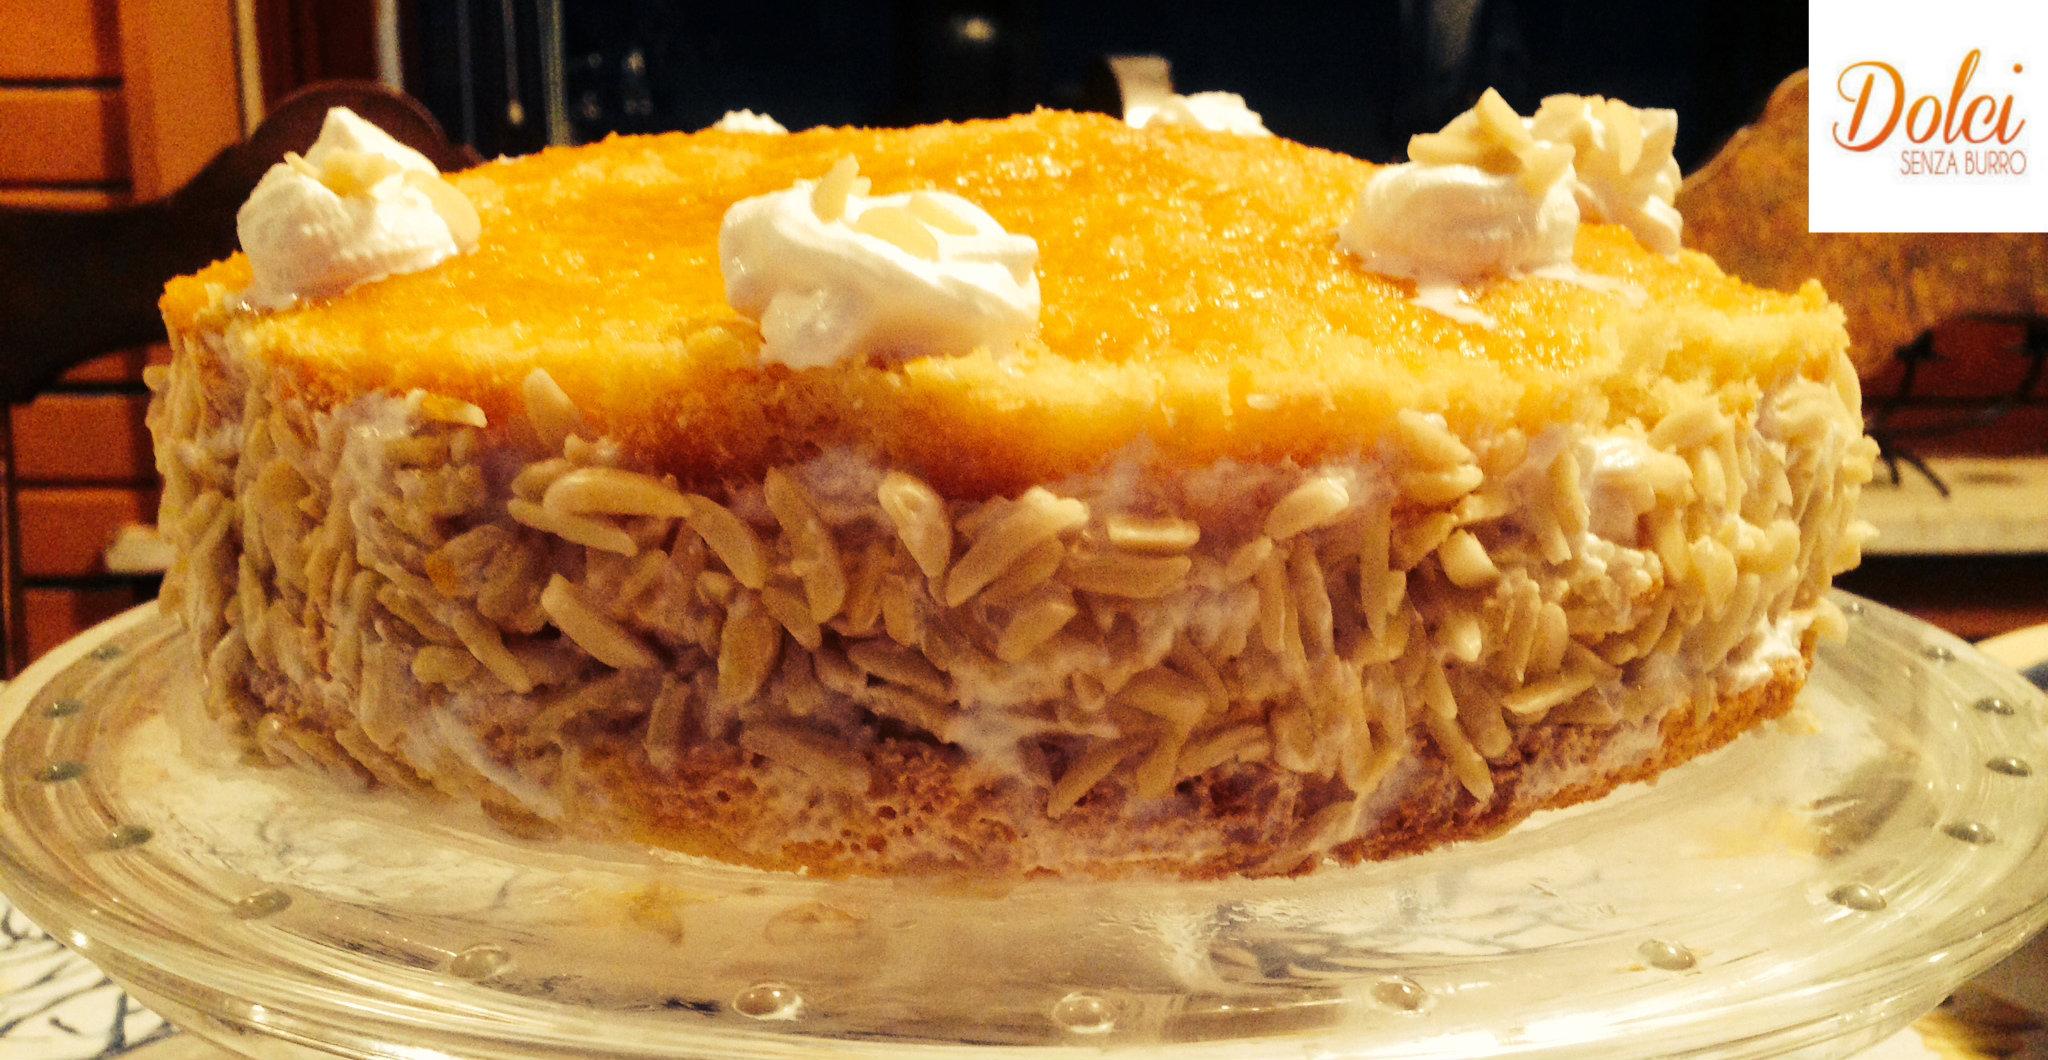 Torta di albicocche e crema senza burro dolci senza burro for Nuove ricette dolci